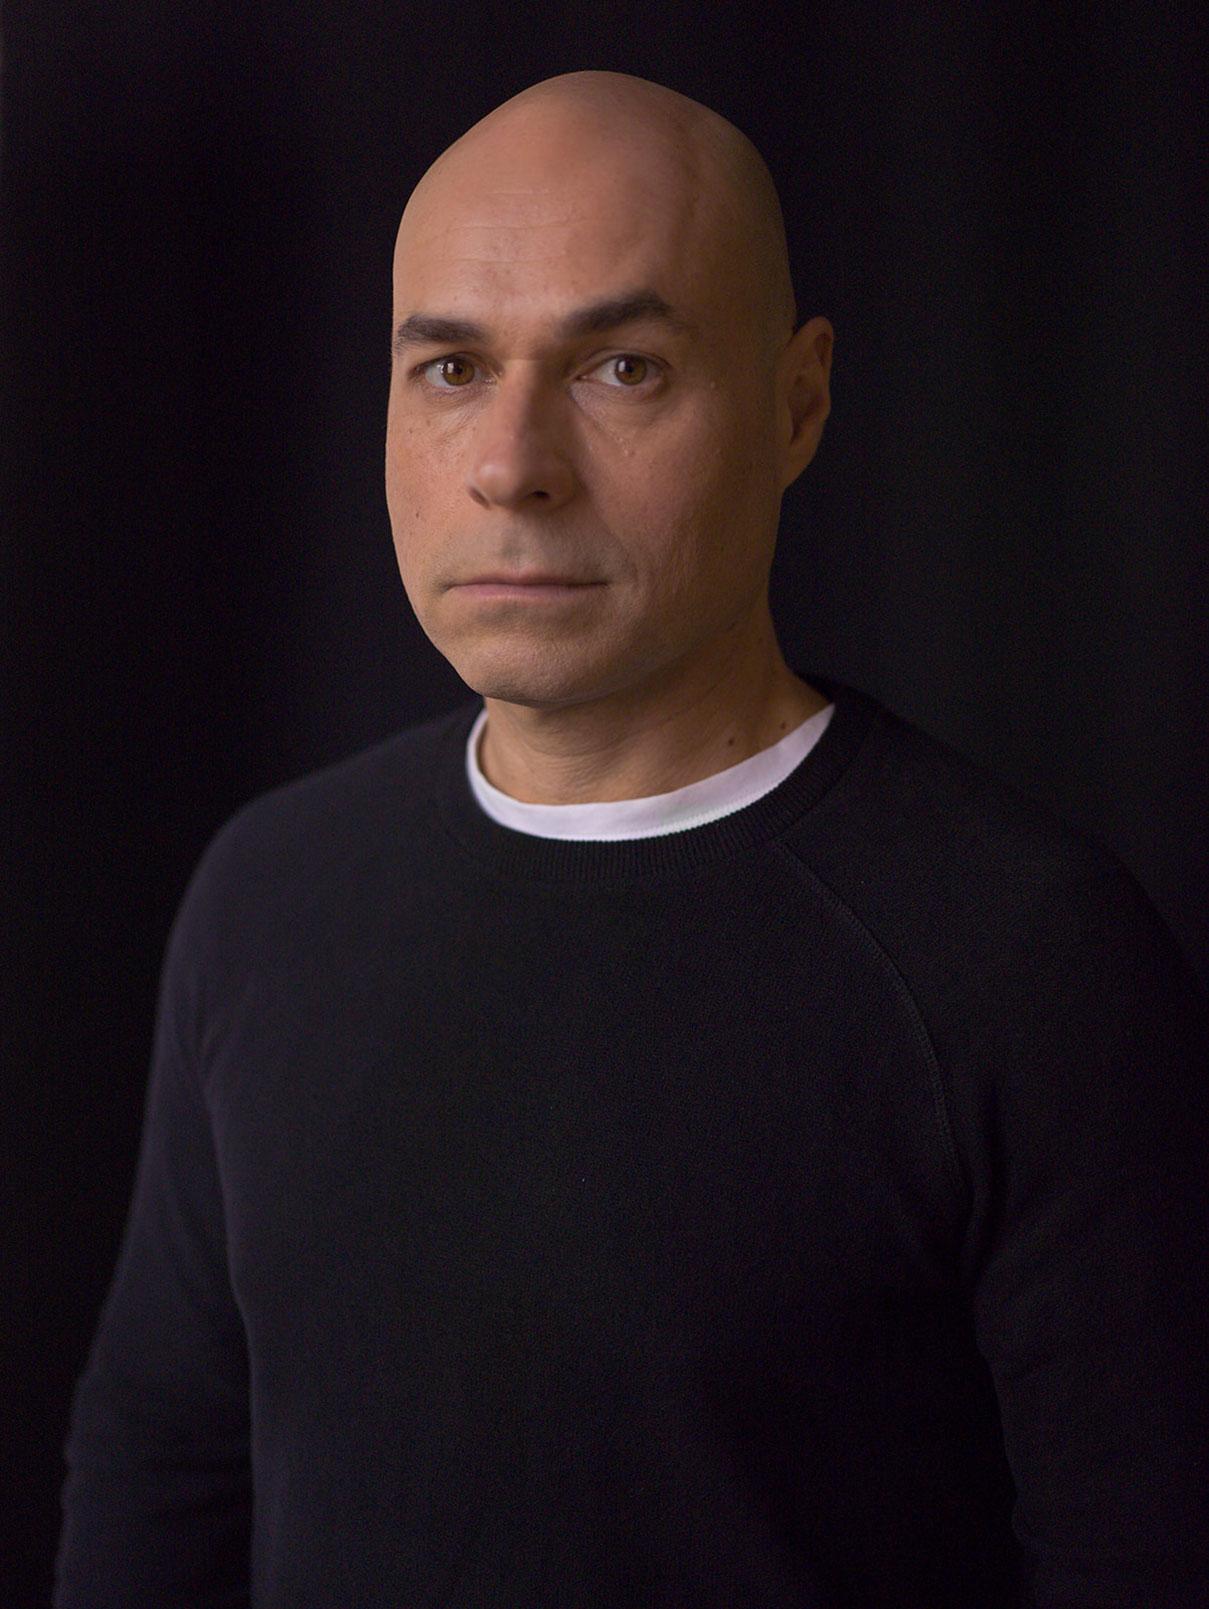 דוד סקורי צילום פורטרט עבור שחקן ויוצר